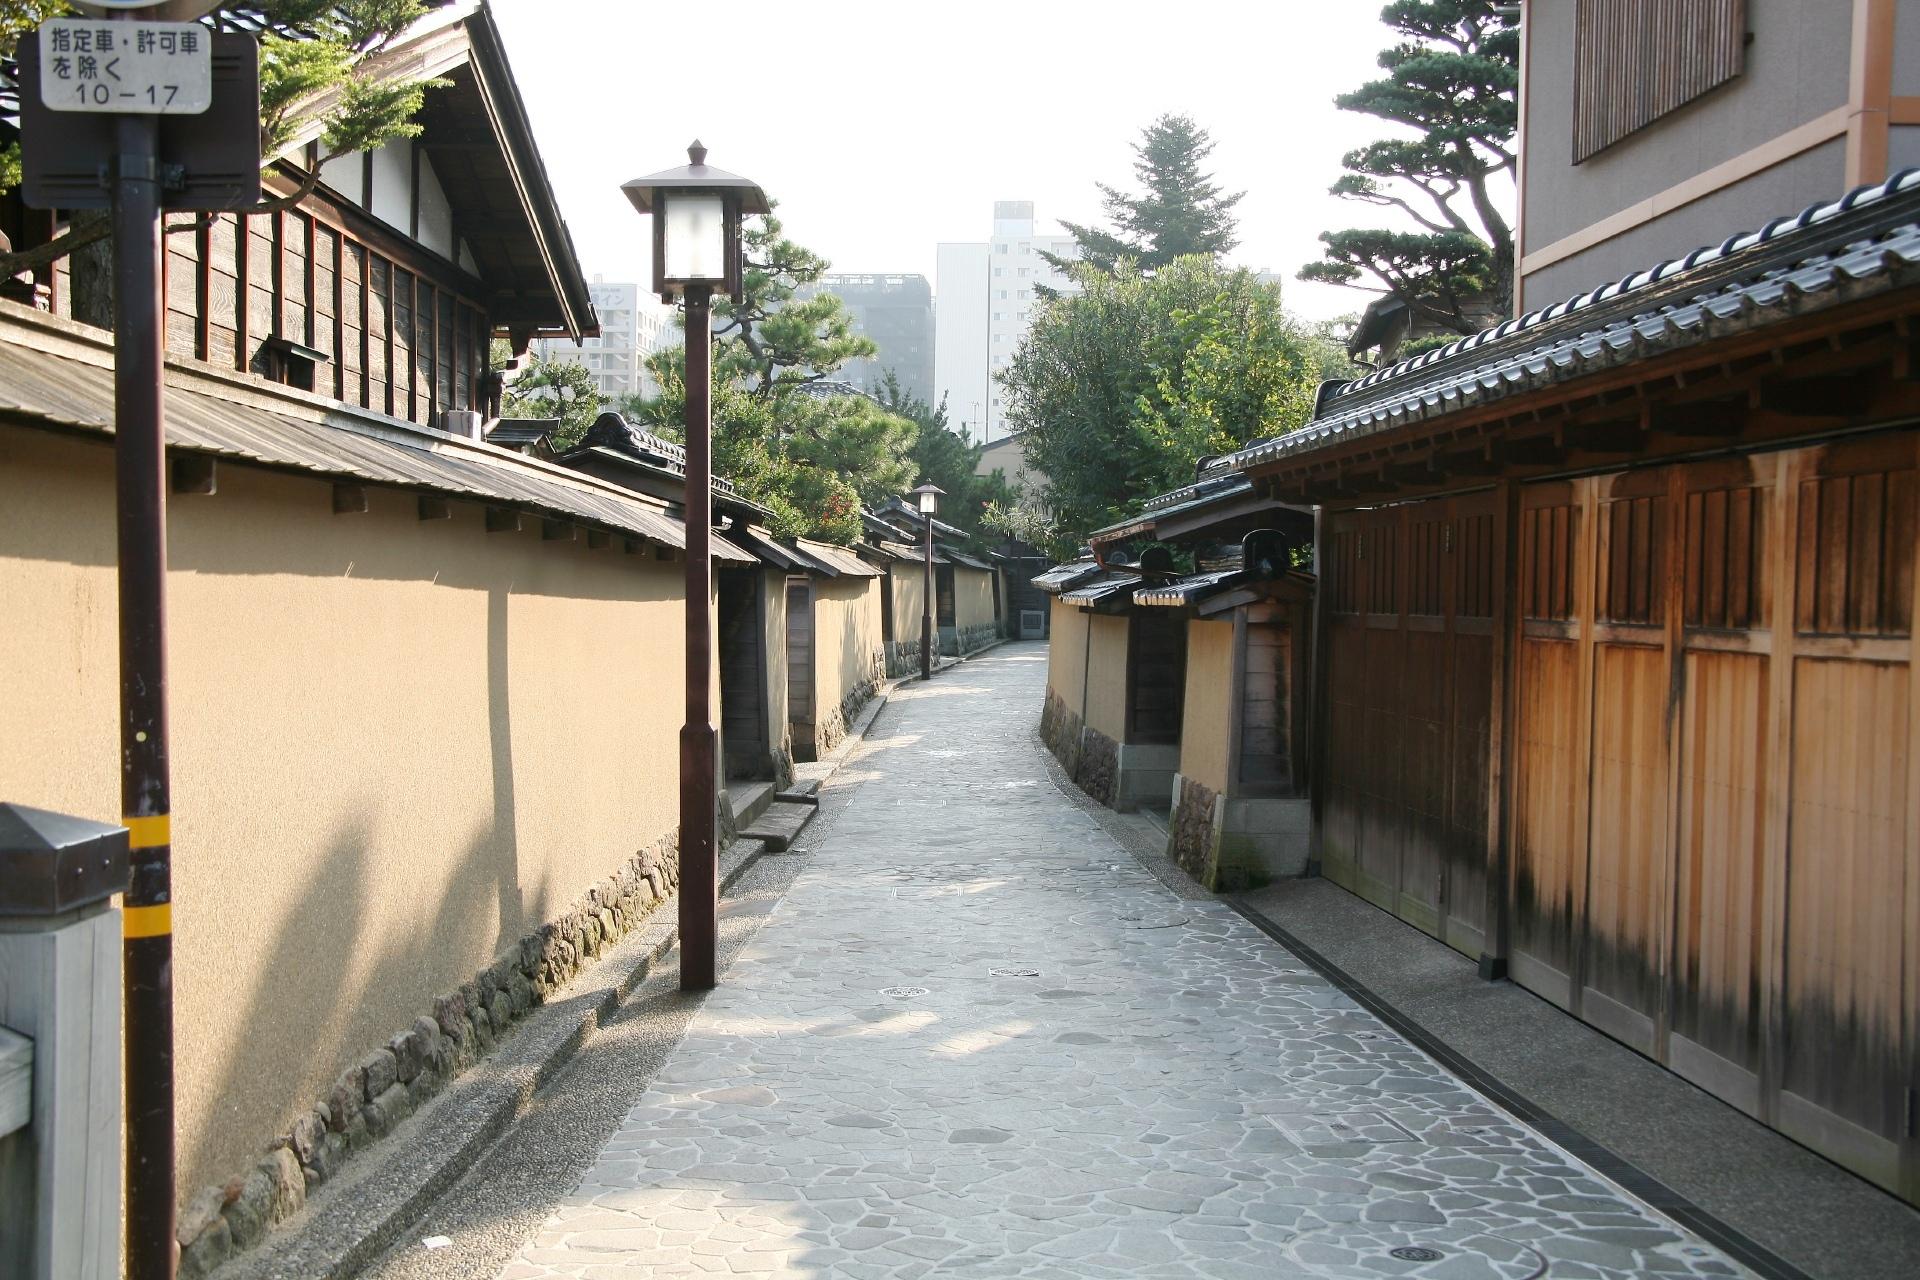 金沢 「長町武家屋敷通り」の風景 石川の風景